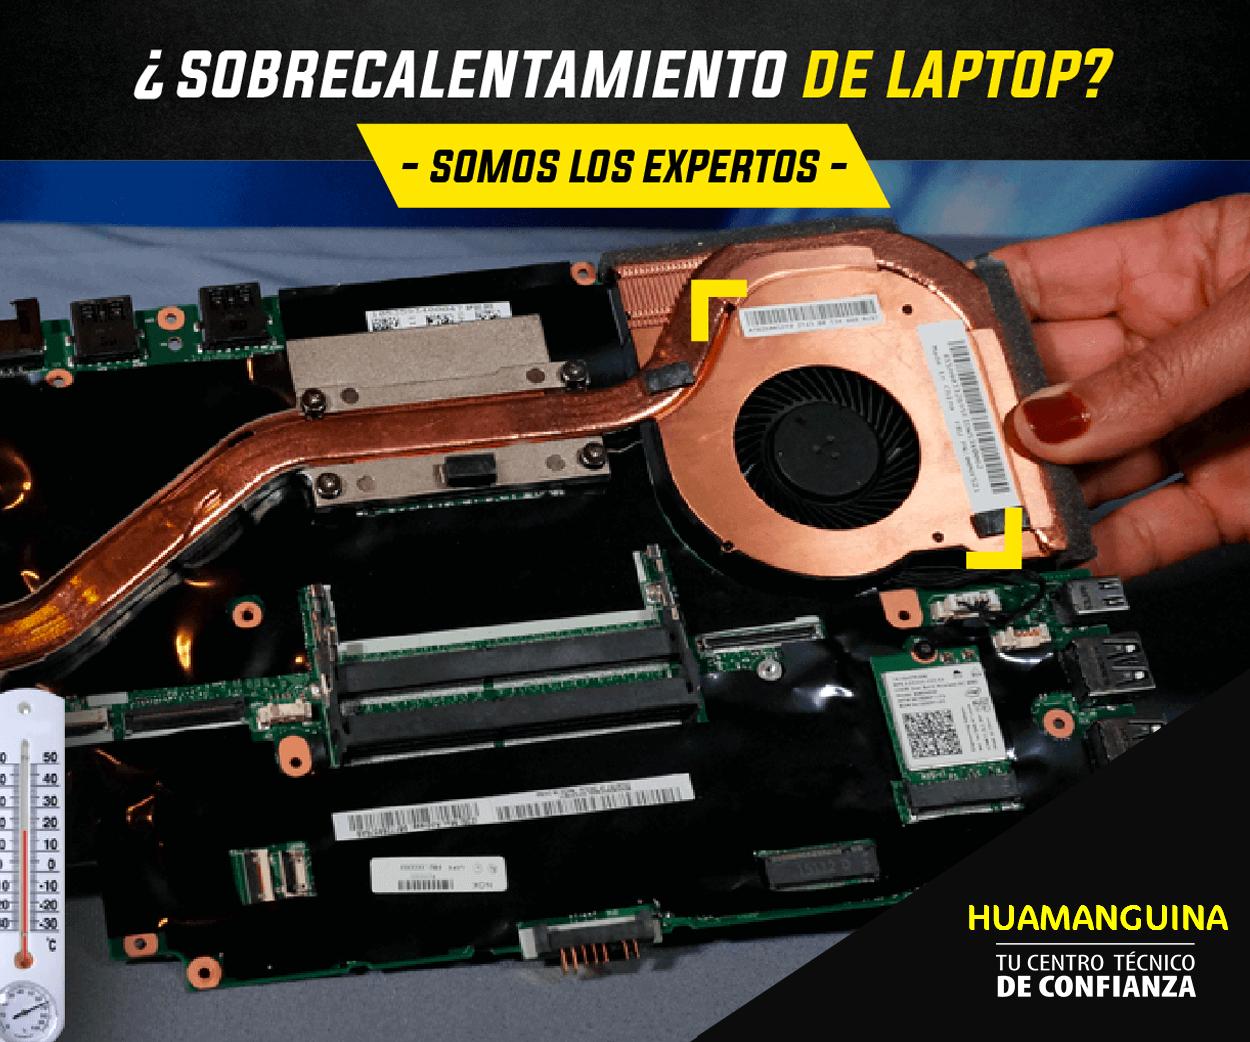 Sobrecalentamiento de laptop AYACUCHO